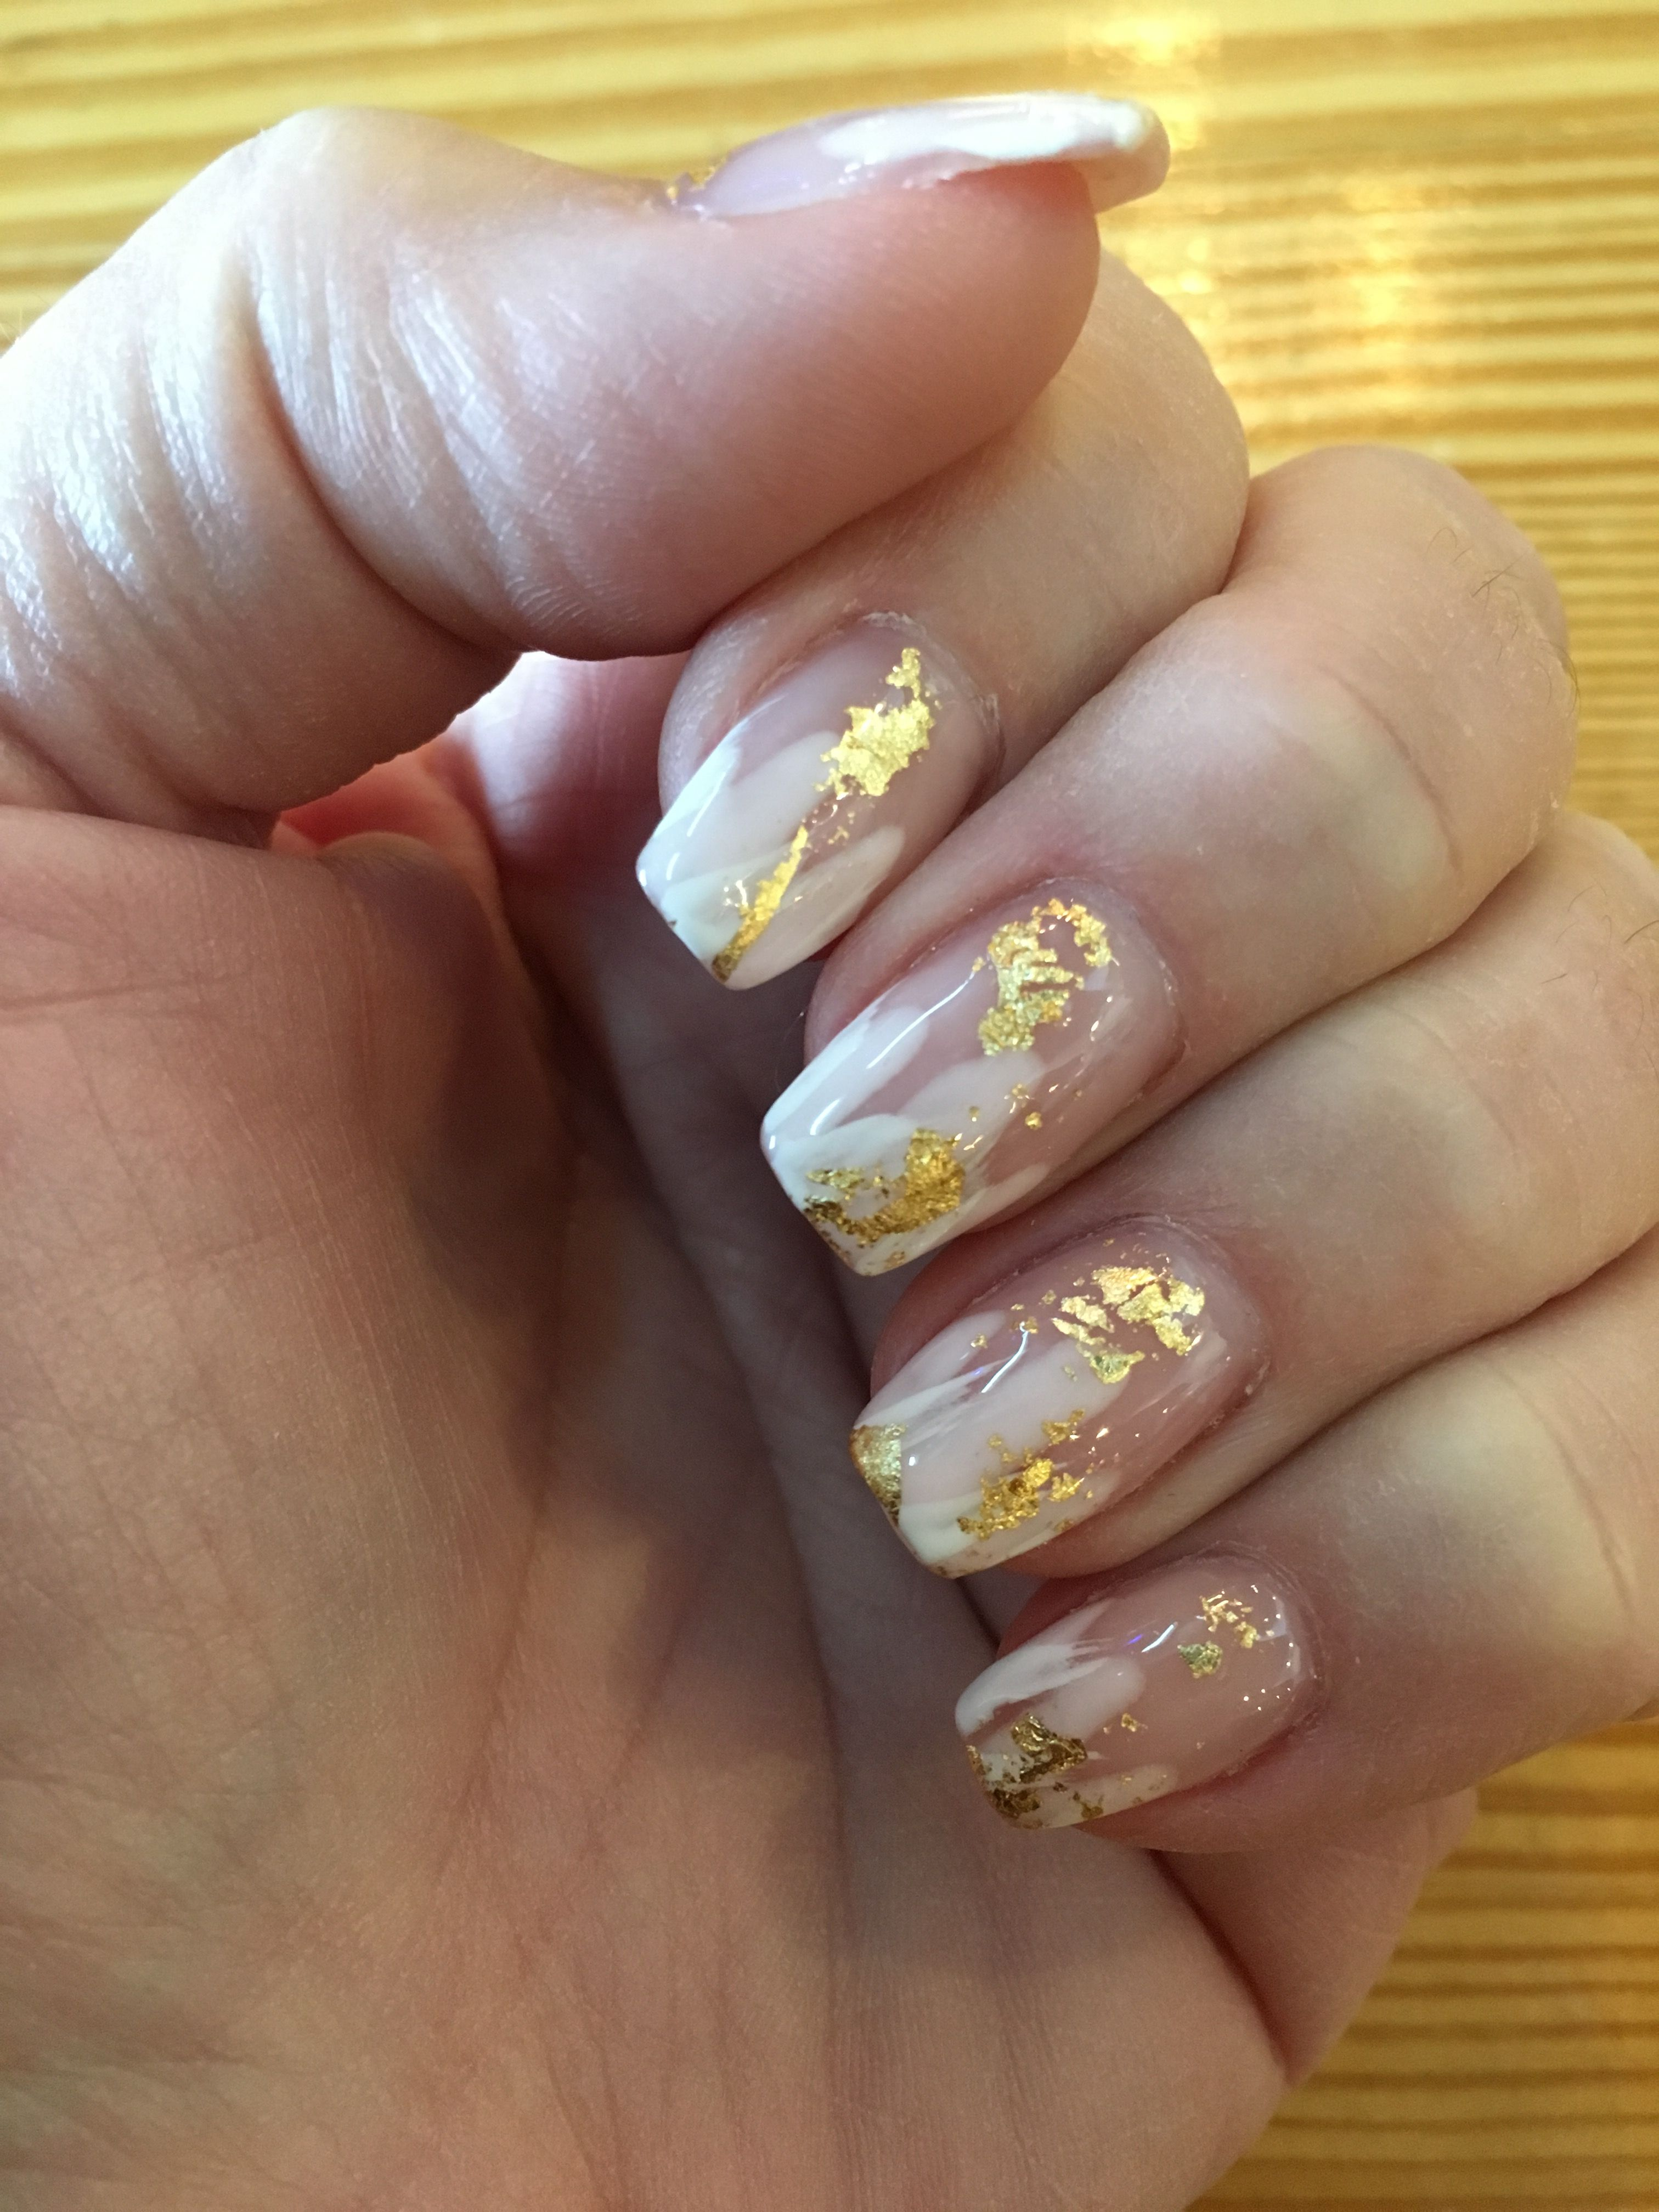 Abstract art futuristic nail designs glam nails nails